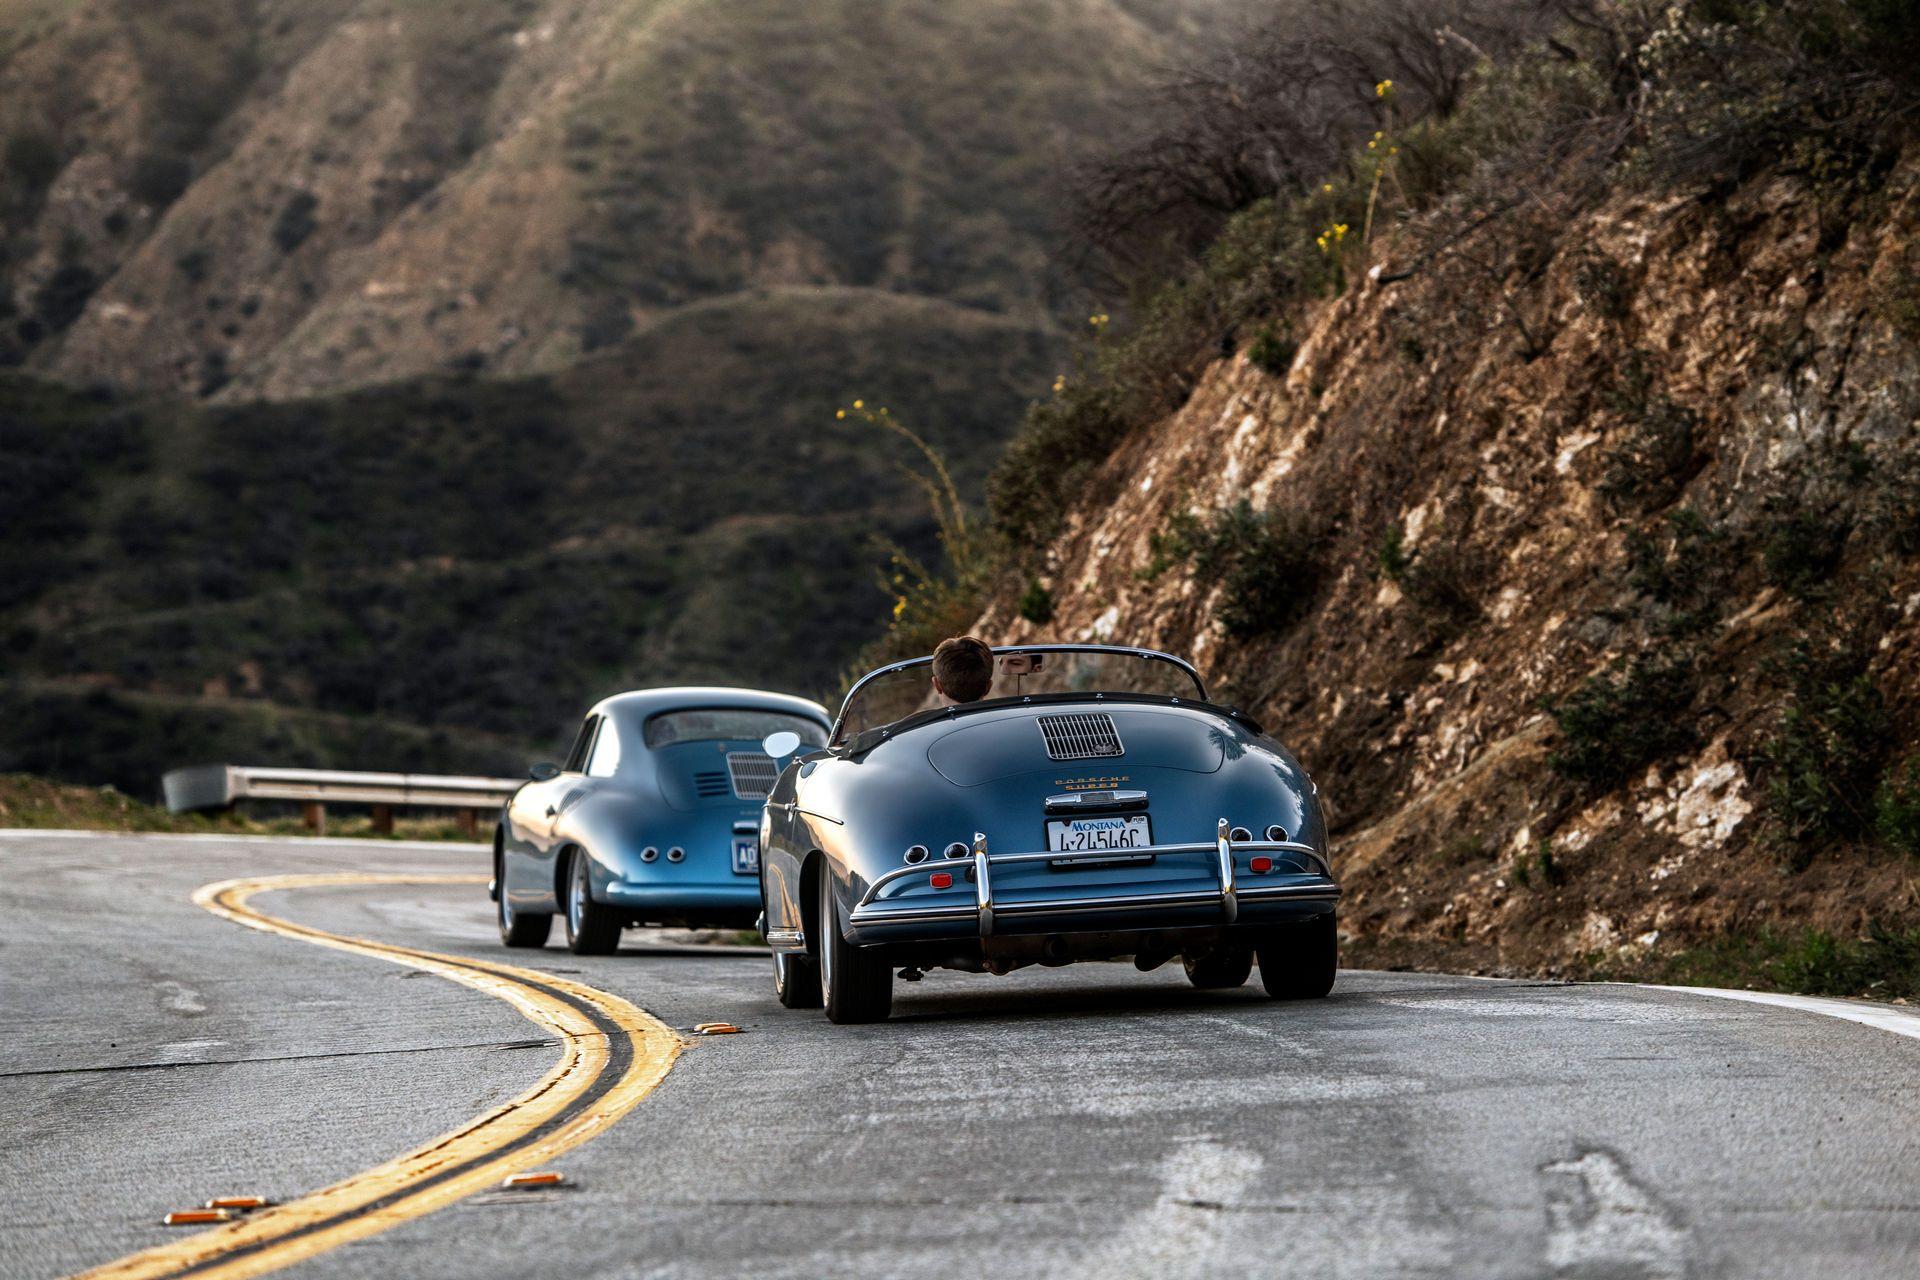 Porsche-356-A-Coupe-Restomod-Emory-Motorsports-16